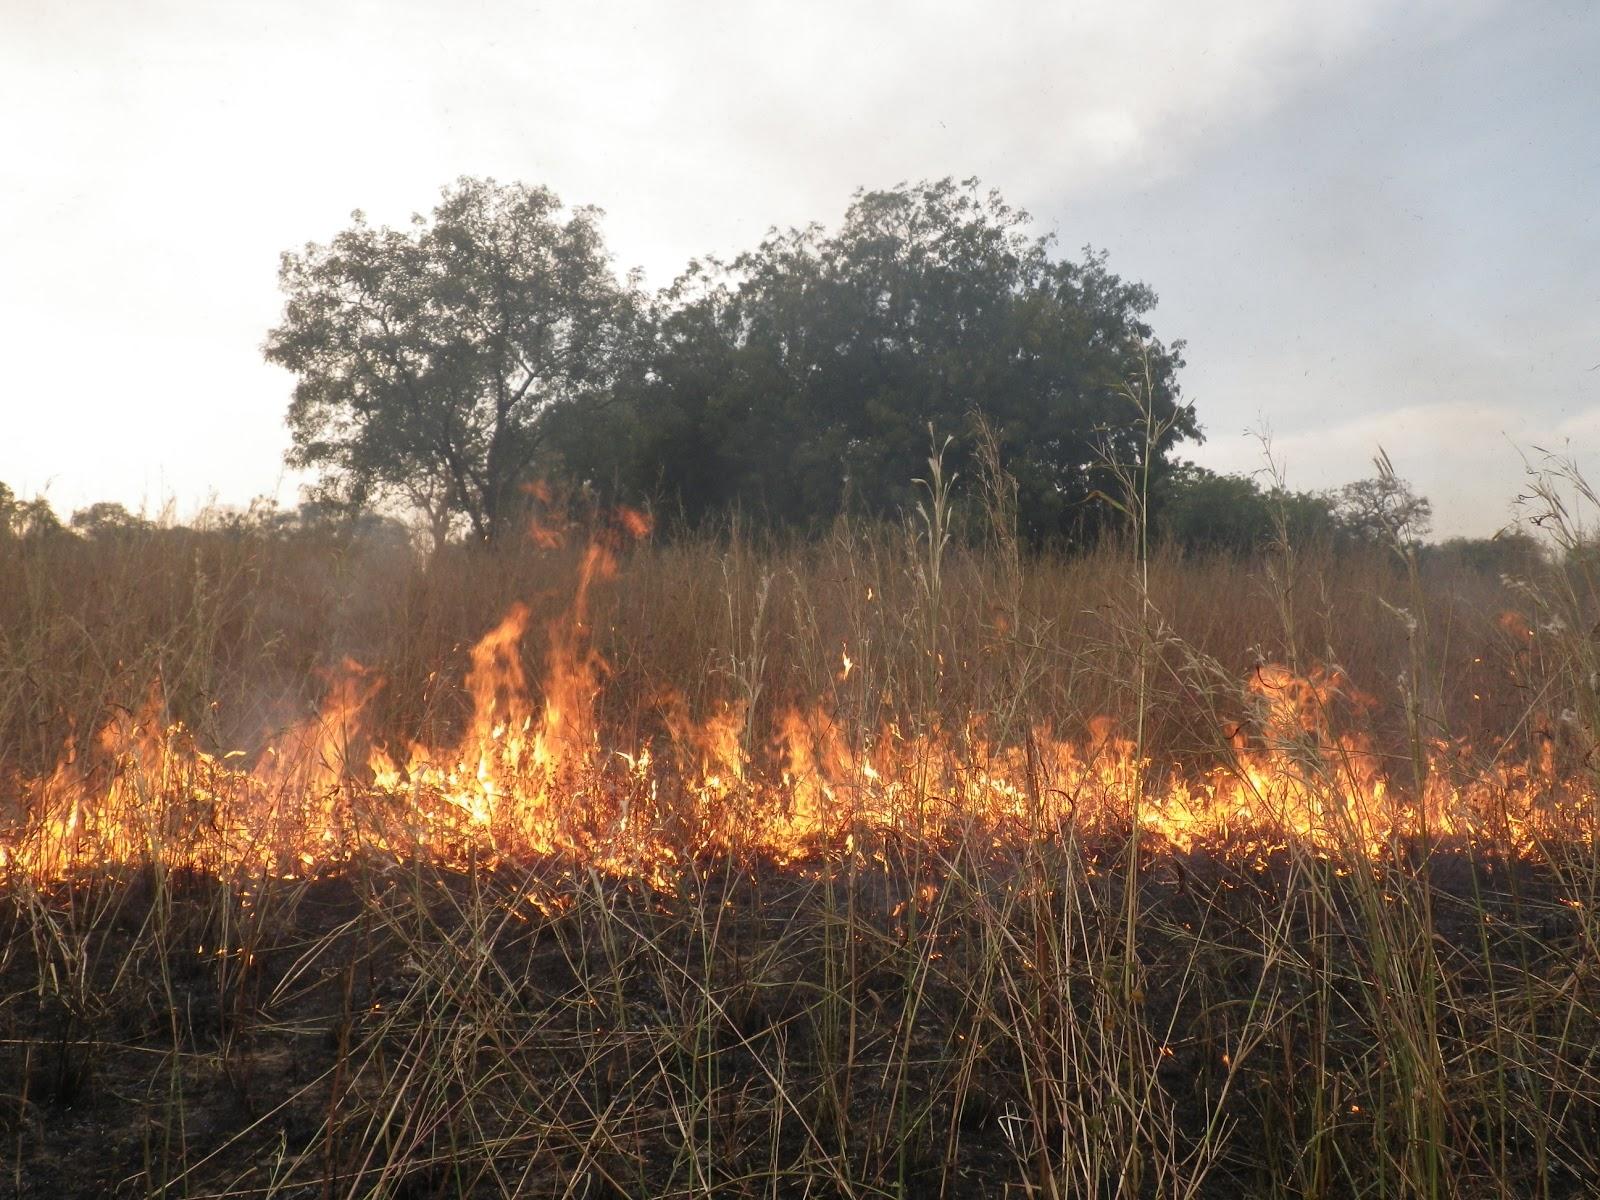 Feux de brousse : 5000 hectares ravagés dans la région de Tambacounda, en 2019